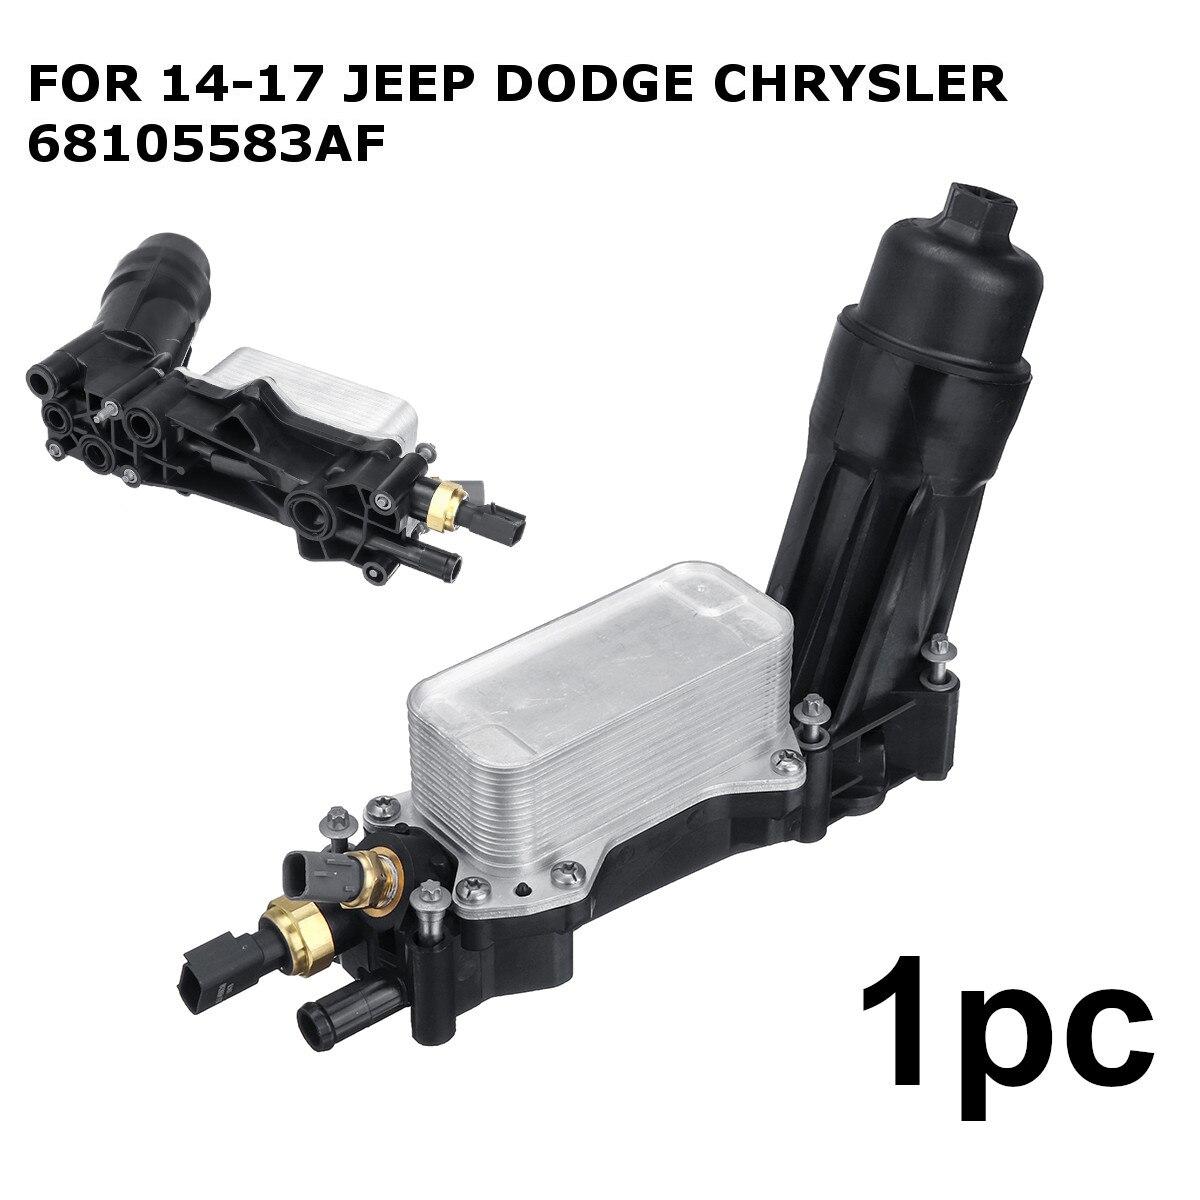 Logement d'adaptateur de filtre à huile de moteur de voiture pour Jeep pour Dodge Chrysler 3.6 V6 2014 2015 2016 2017 68105583AF 68105583AB